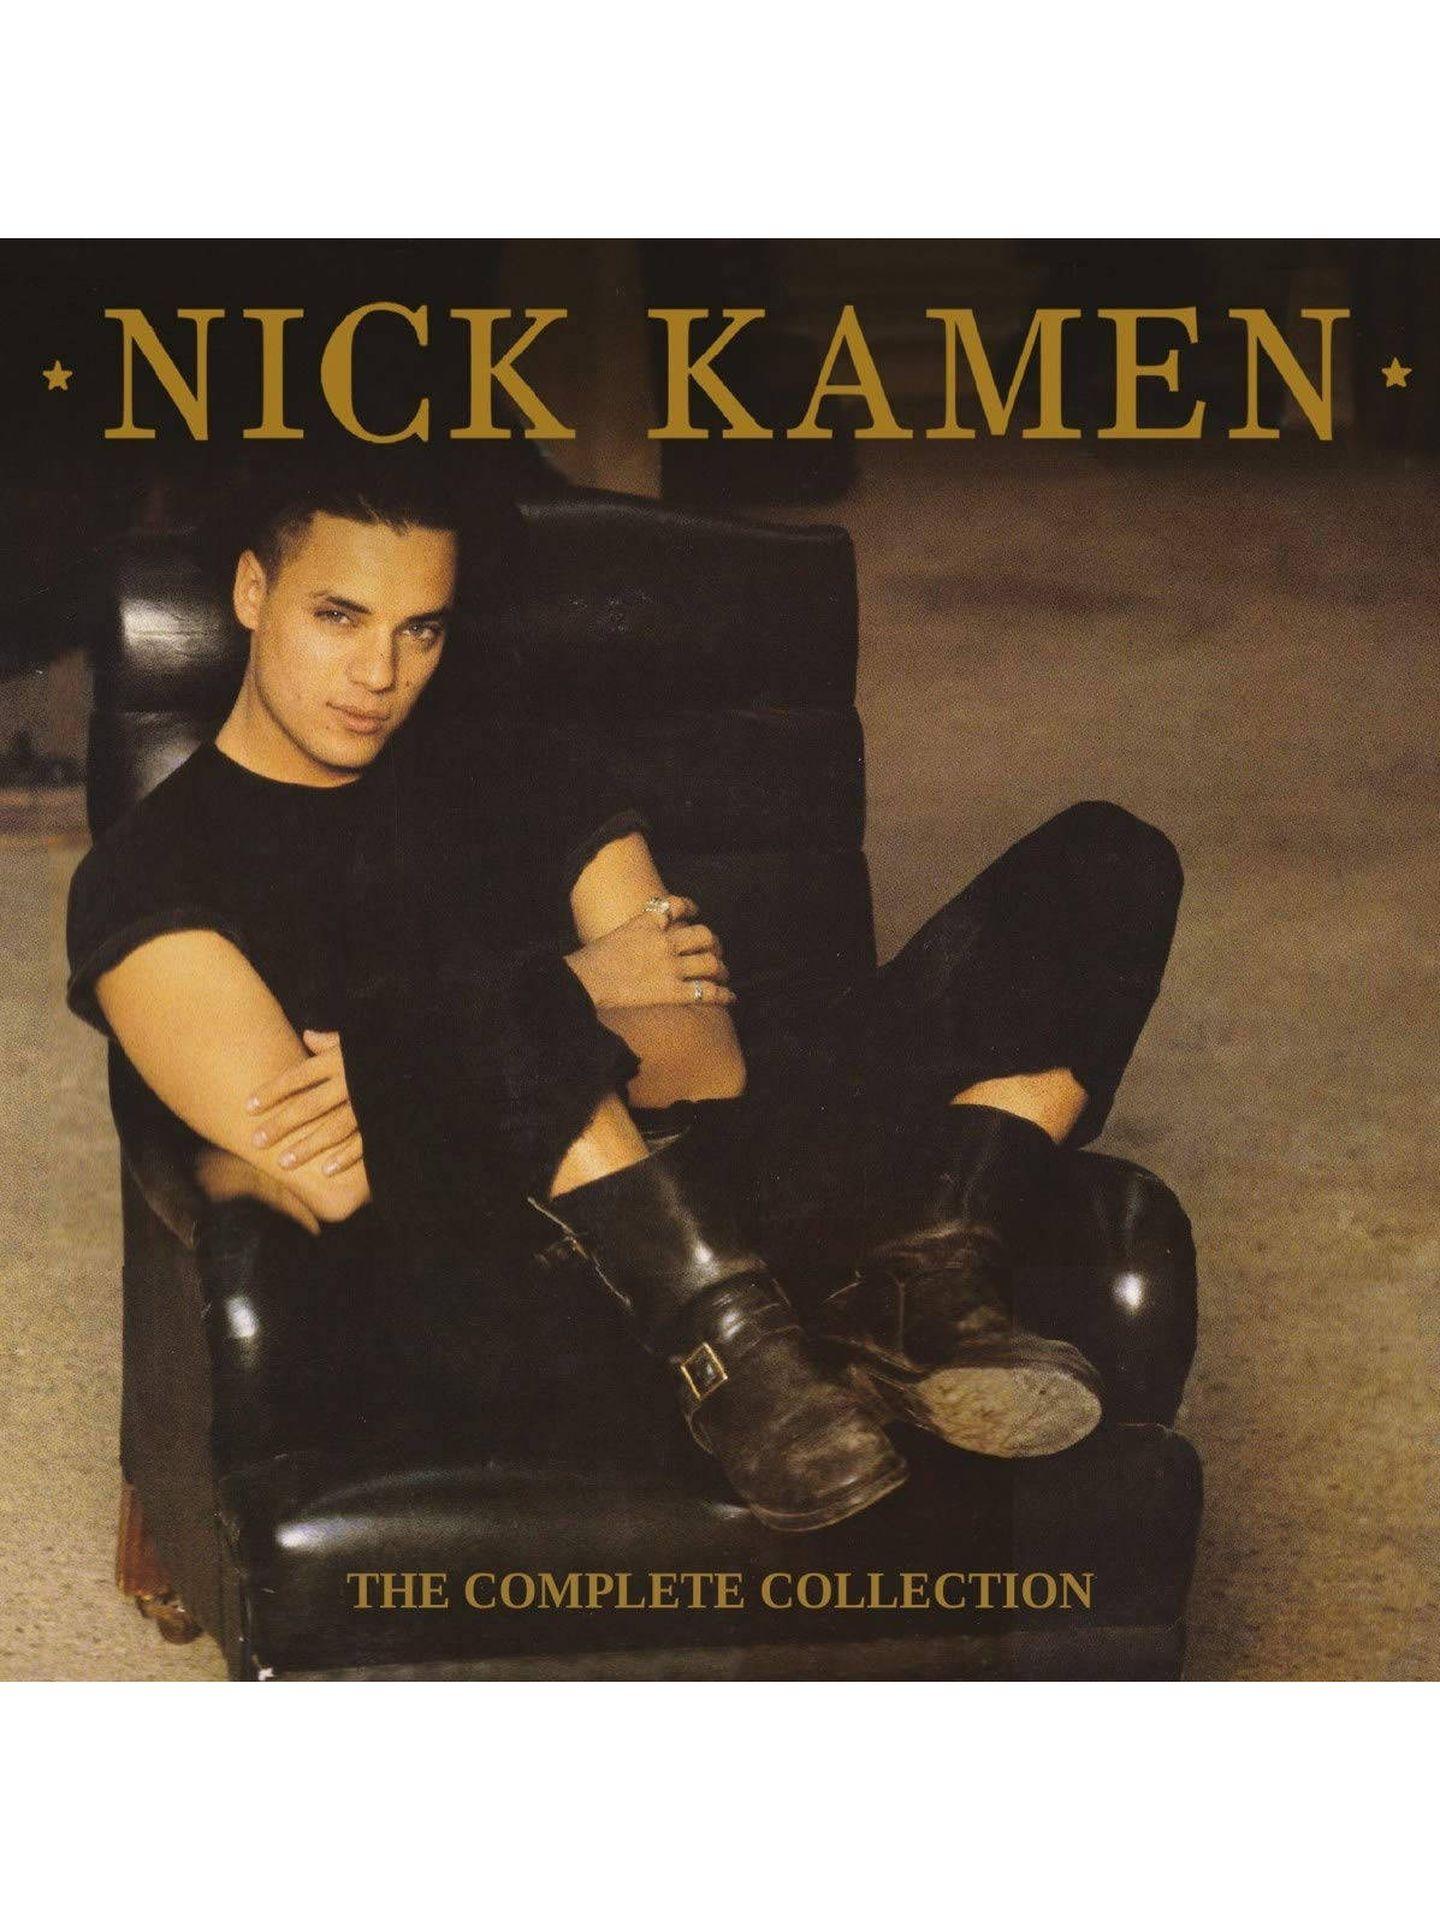 Portada de un recopilatorio musical de Nick Kamen. (Warner Bros. Records y WEA)